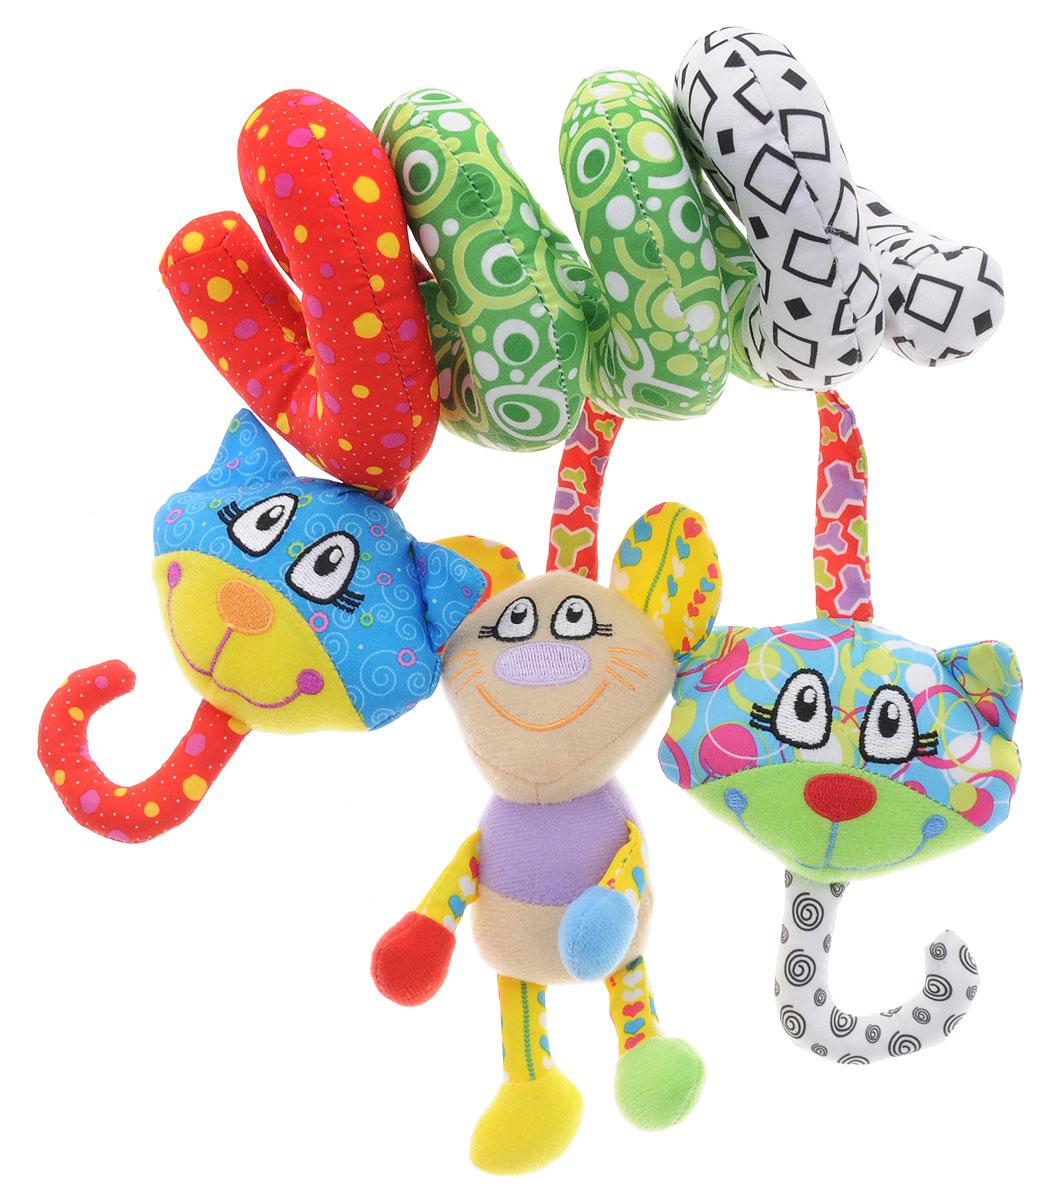 Жирафики Игрушка-подвеска Кот и мышонок93938Яркая игрушка-подвеска Жирафики Кот и мышонок выполнена из материалов различной фактуры в виде растяжки. Как же весело и интересно ее рассматривать! Но держать ее в маленьких ручках еще интереснее, ведь она таит в себе столько приятных сюрпризов и столько удивительных открытий! На каждом изгибе малютку ожидает забавный сюрприз: спрятанные в игрушках пищалка, погремушка и шуршащие элементы (ушки). Игрушка-подвеска поможет ребенку в развитии цветового и звукового восприятия, концентрации внимания, мелкой моторики рук, координации движений и тактильных ощущений.